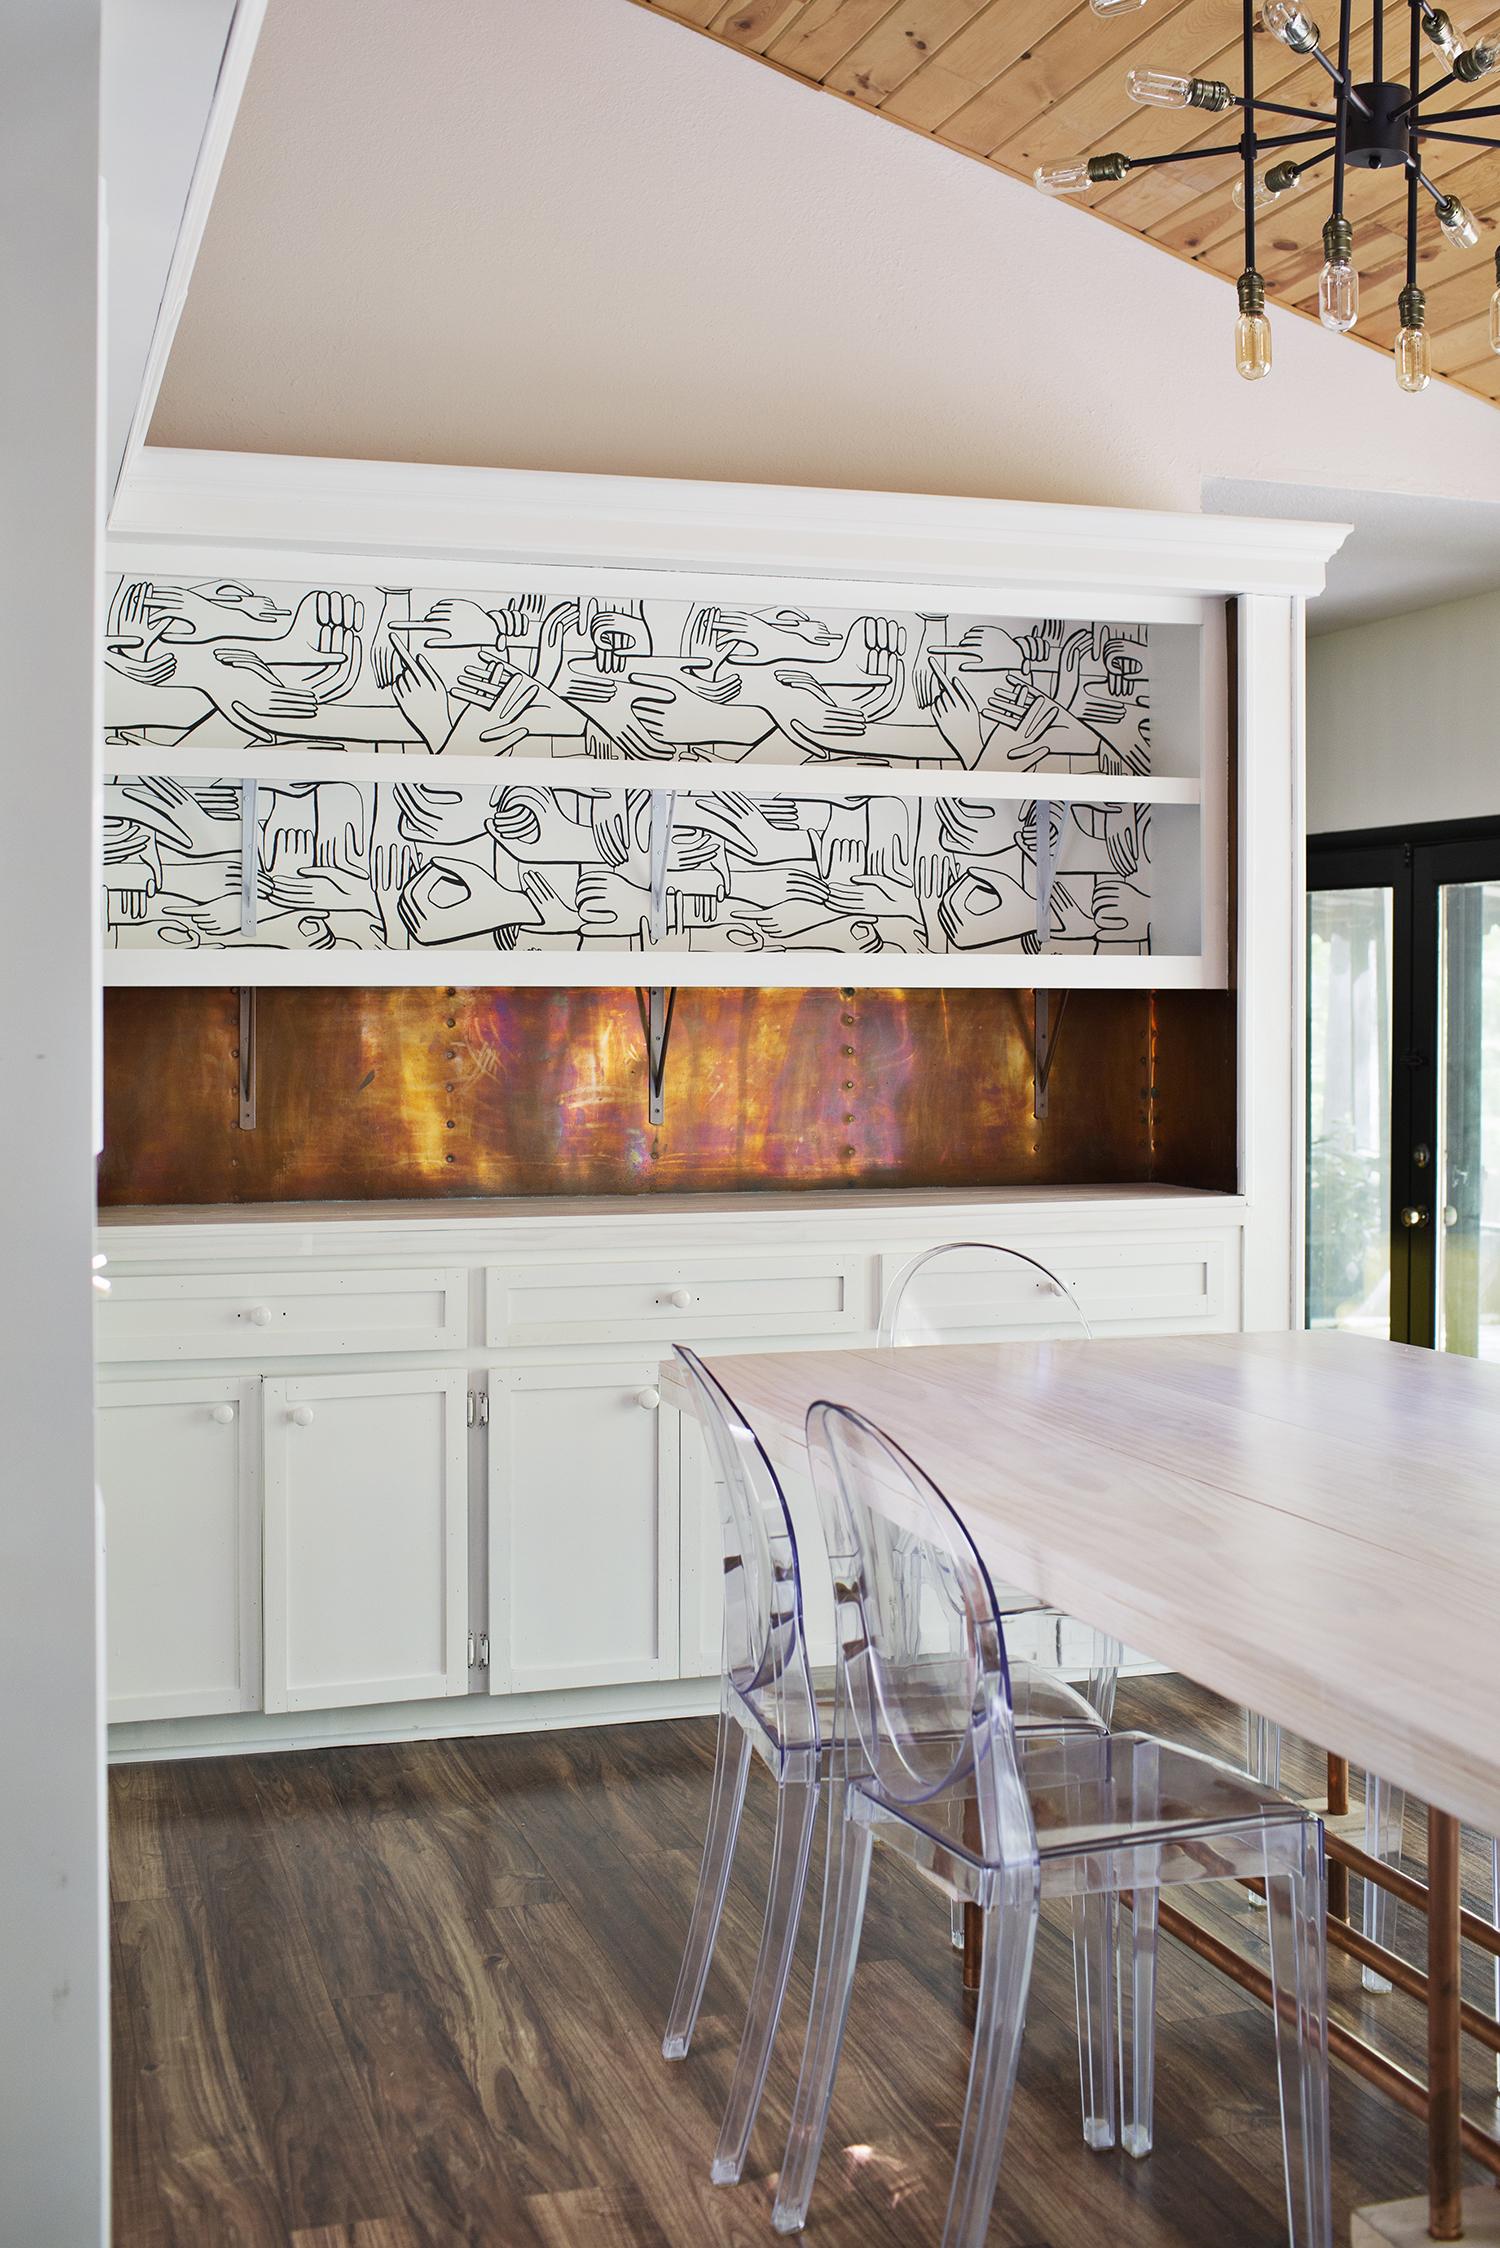 Wallpaper shelves (via fitness-4all.com)